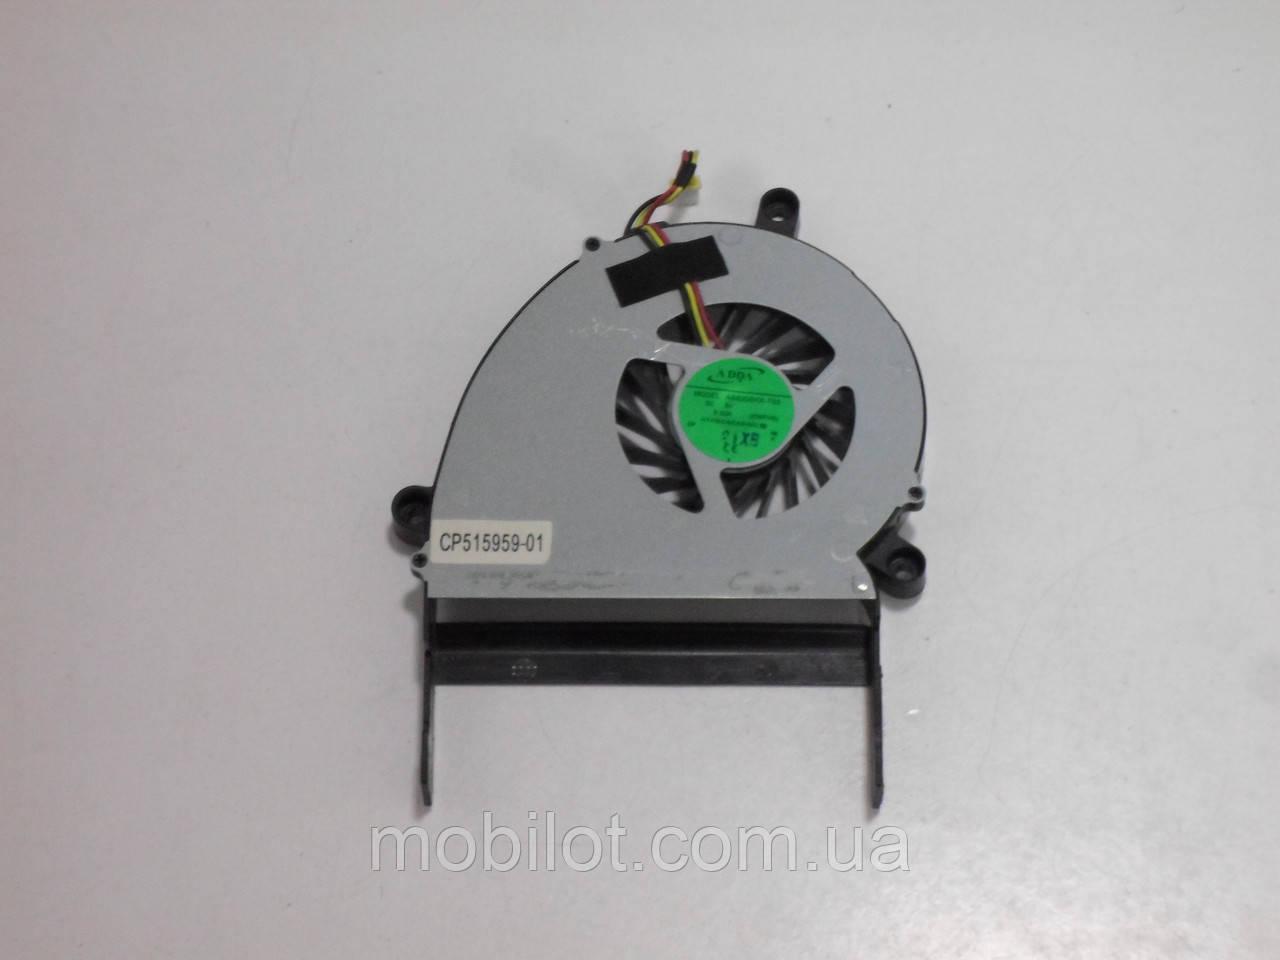 Система охлаждения (кулер) Fujitsu AH531 (NZ-8057)